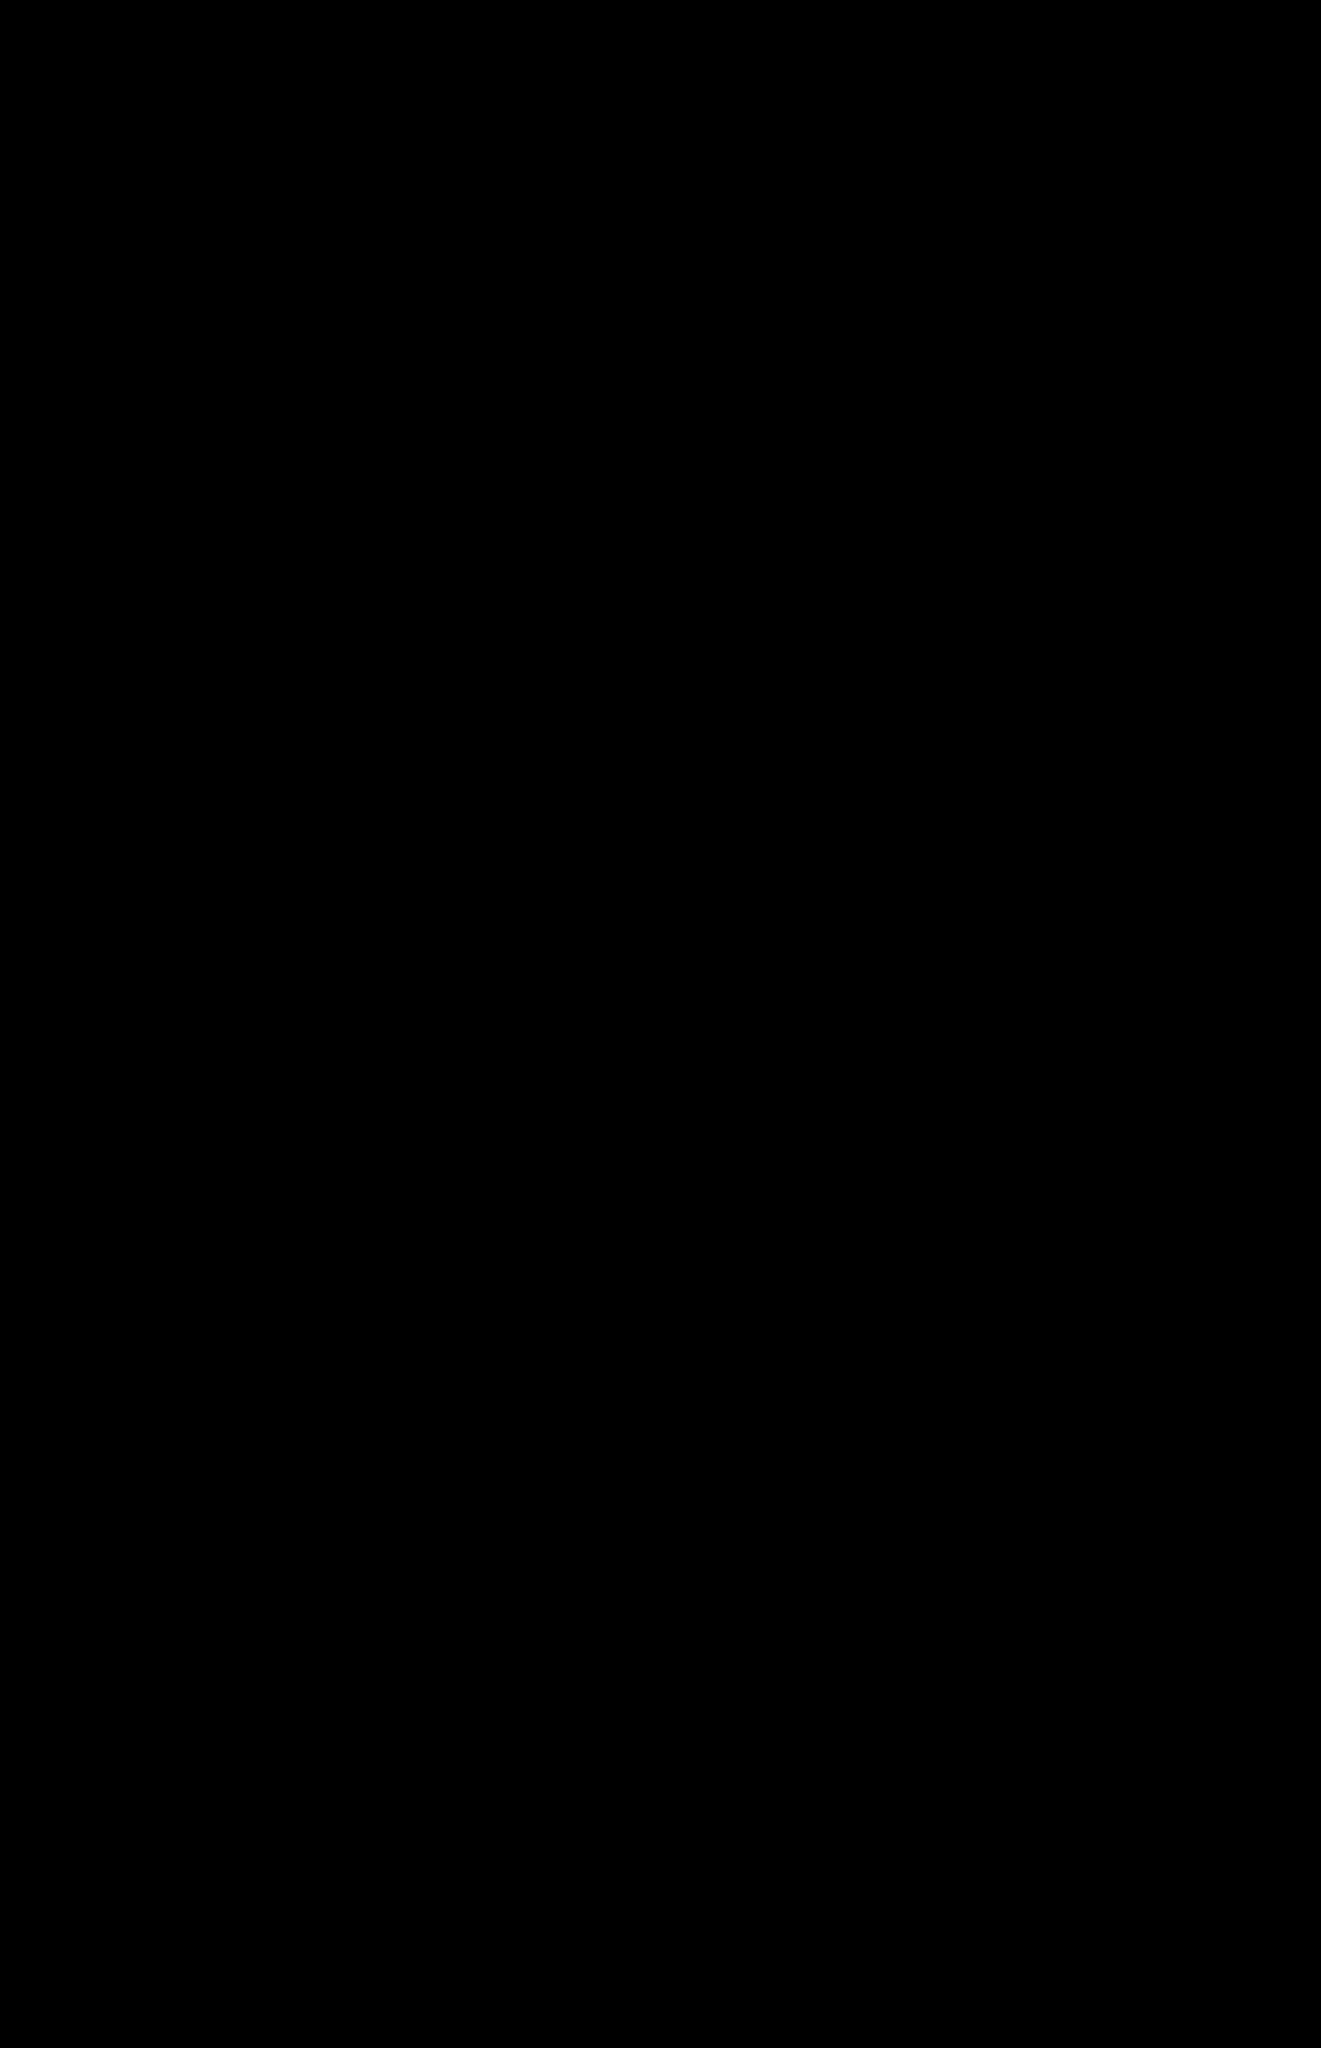 Эмблема ФК «Ювентус Турин»